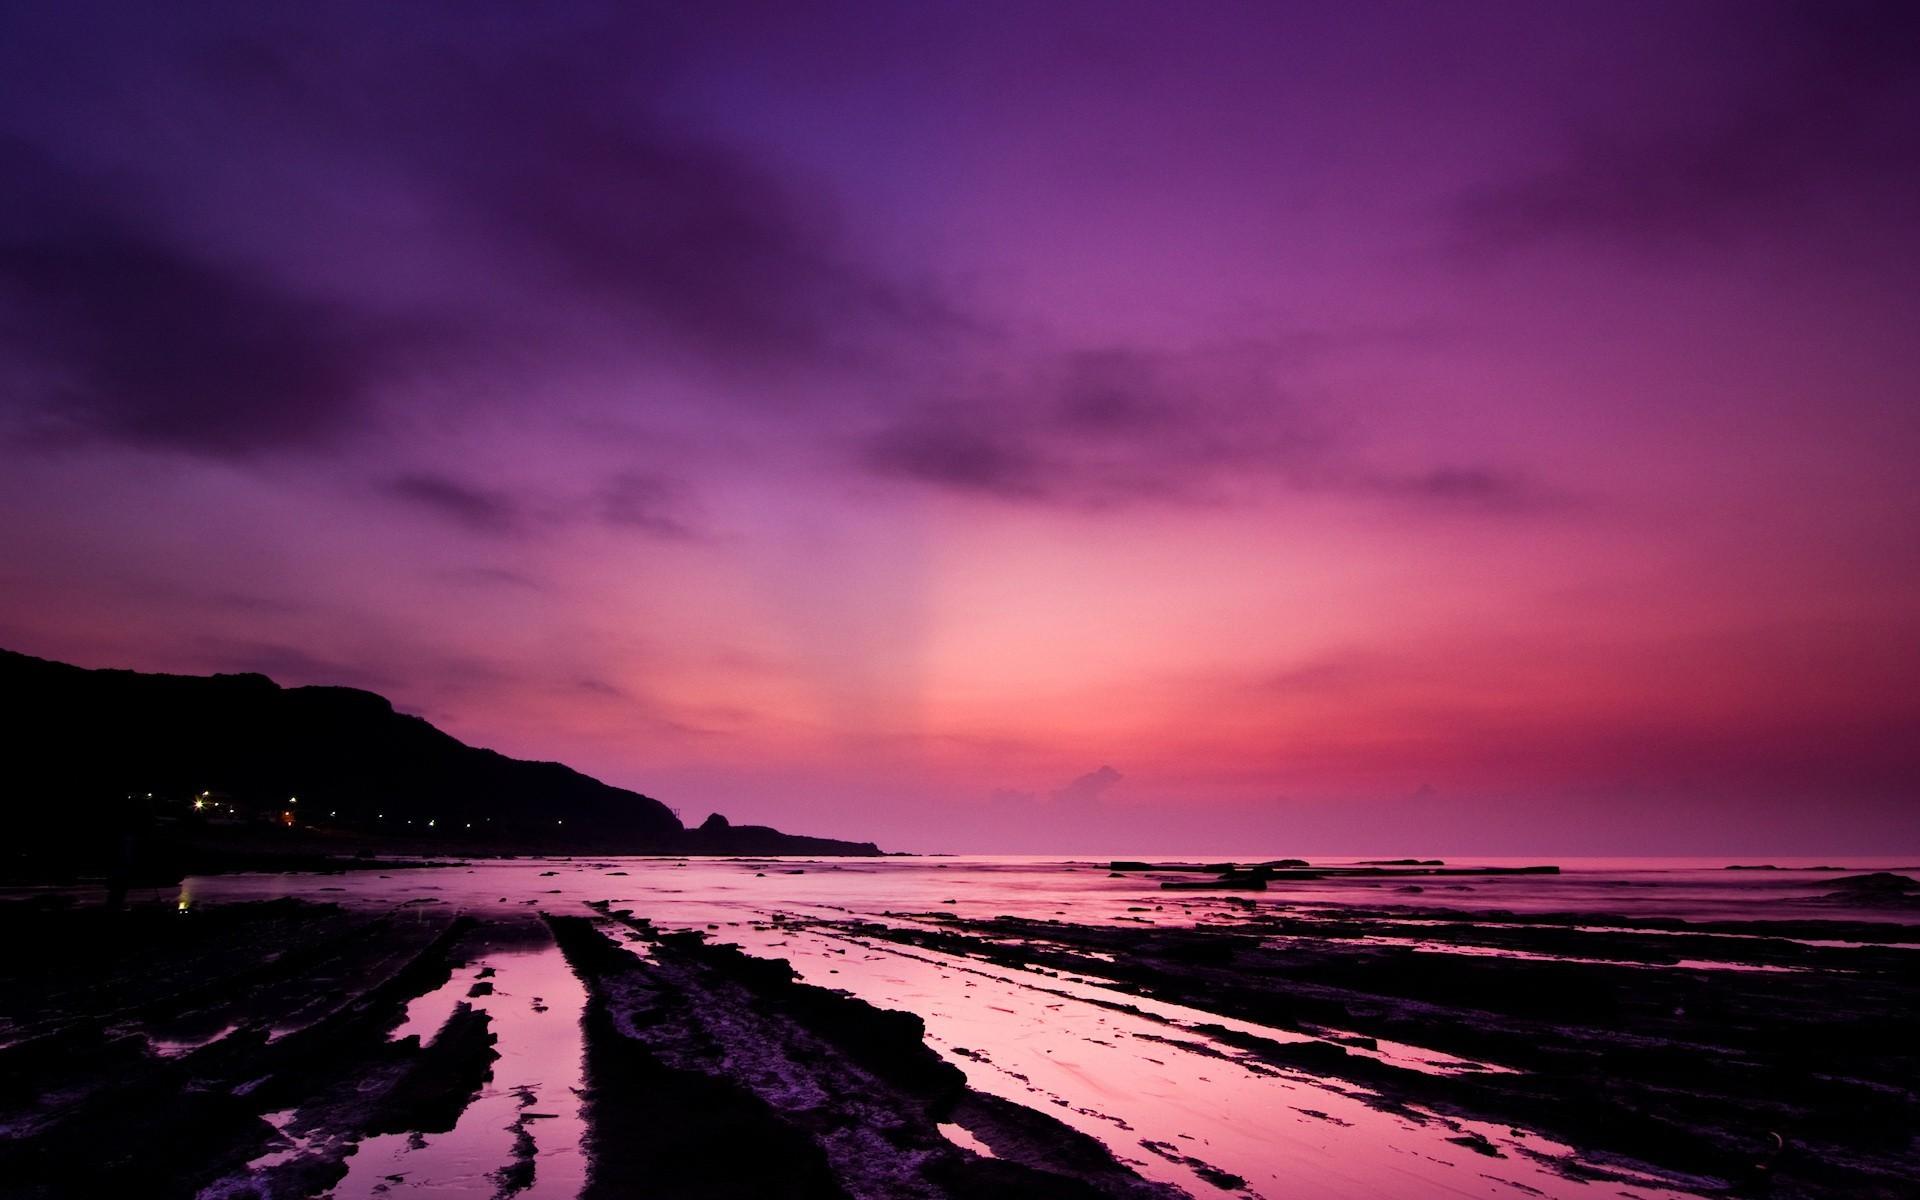 розовый закат, море, горы  № 3110109 загрузить